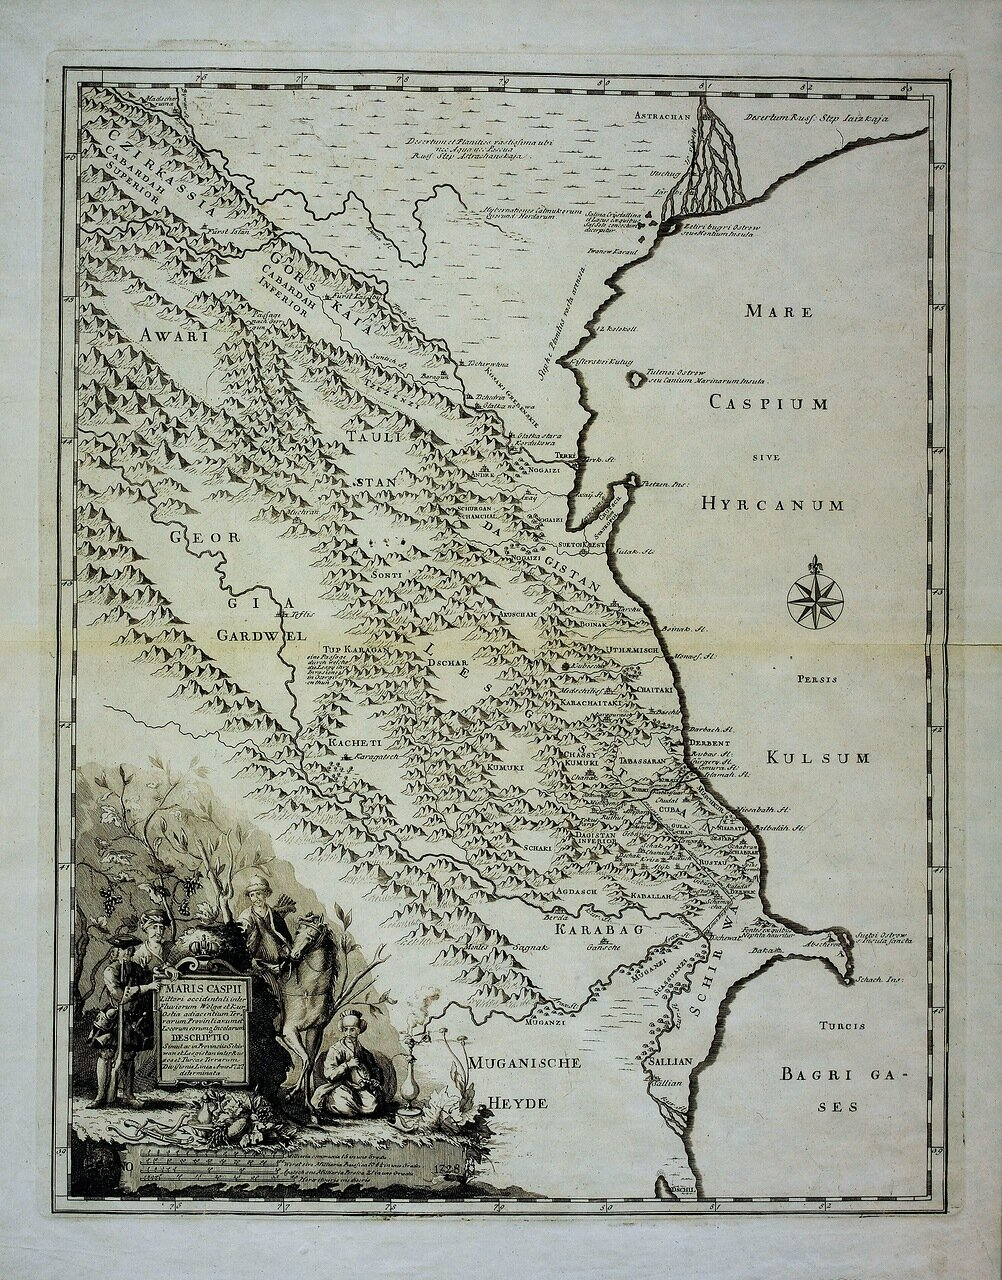 1728. Западный берег Каспийского моря между реками Волга и Кура с сопредельными территориями